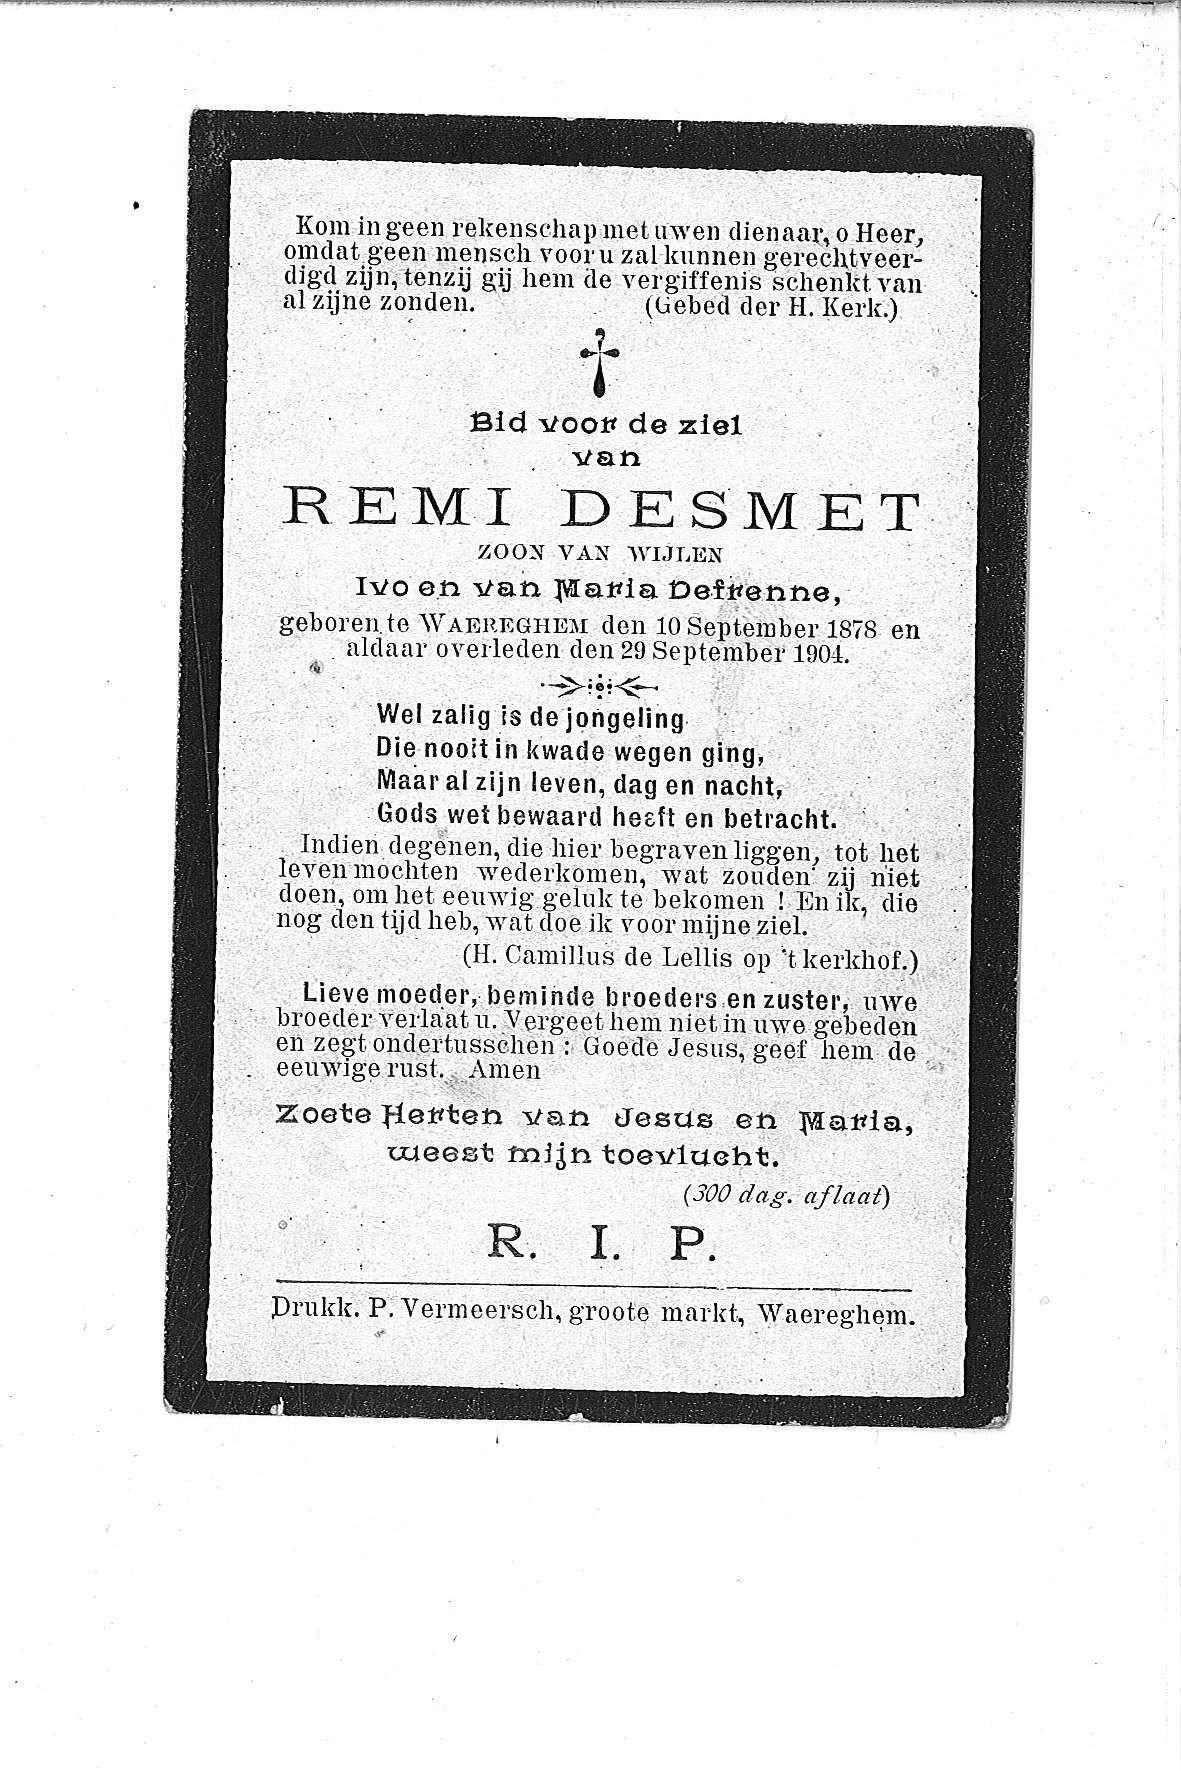 Remi (1904) 20120424113911_00161.jpg